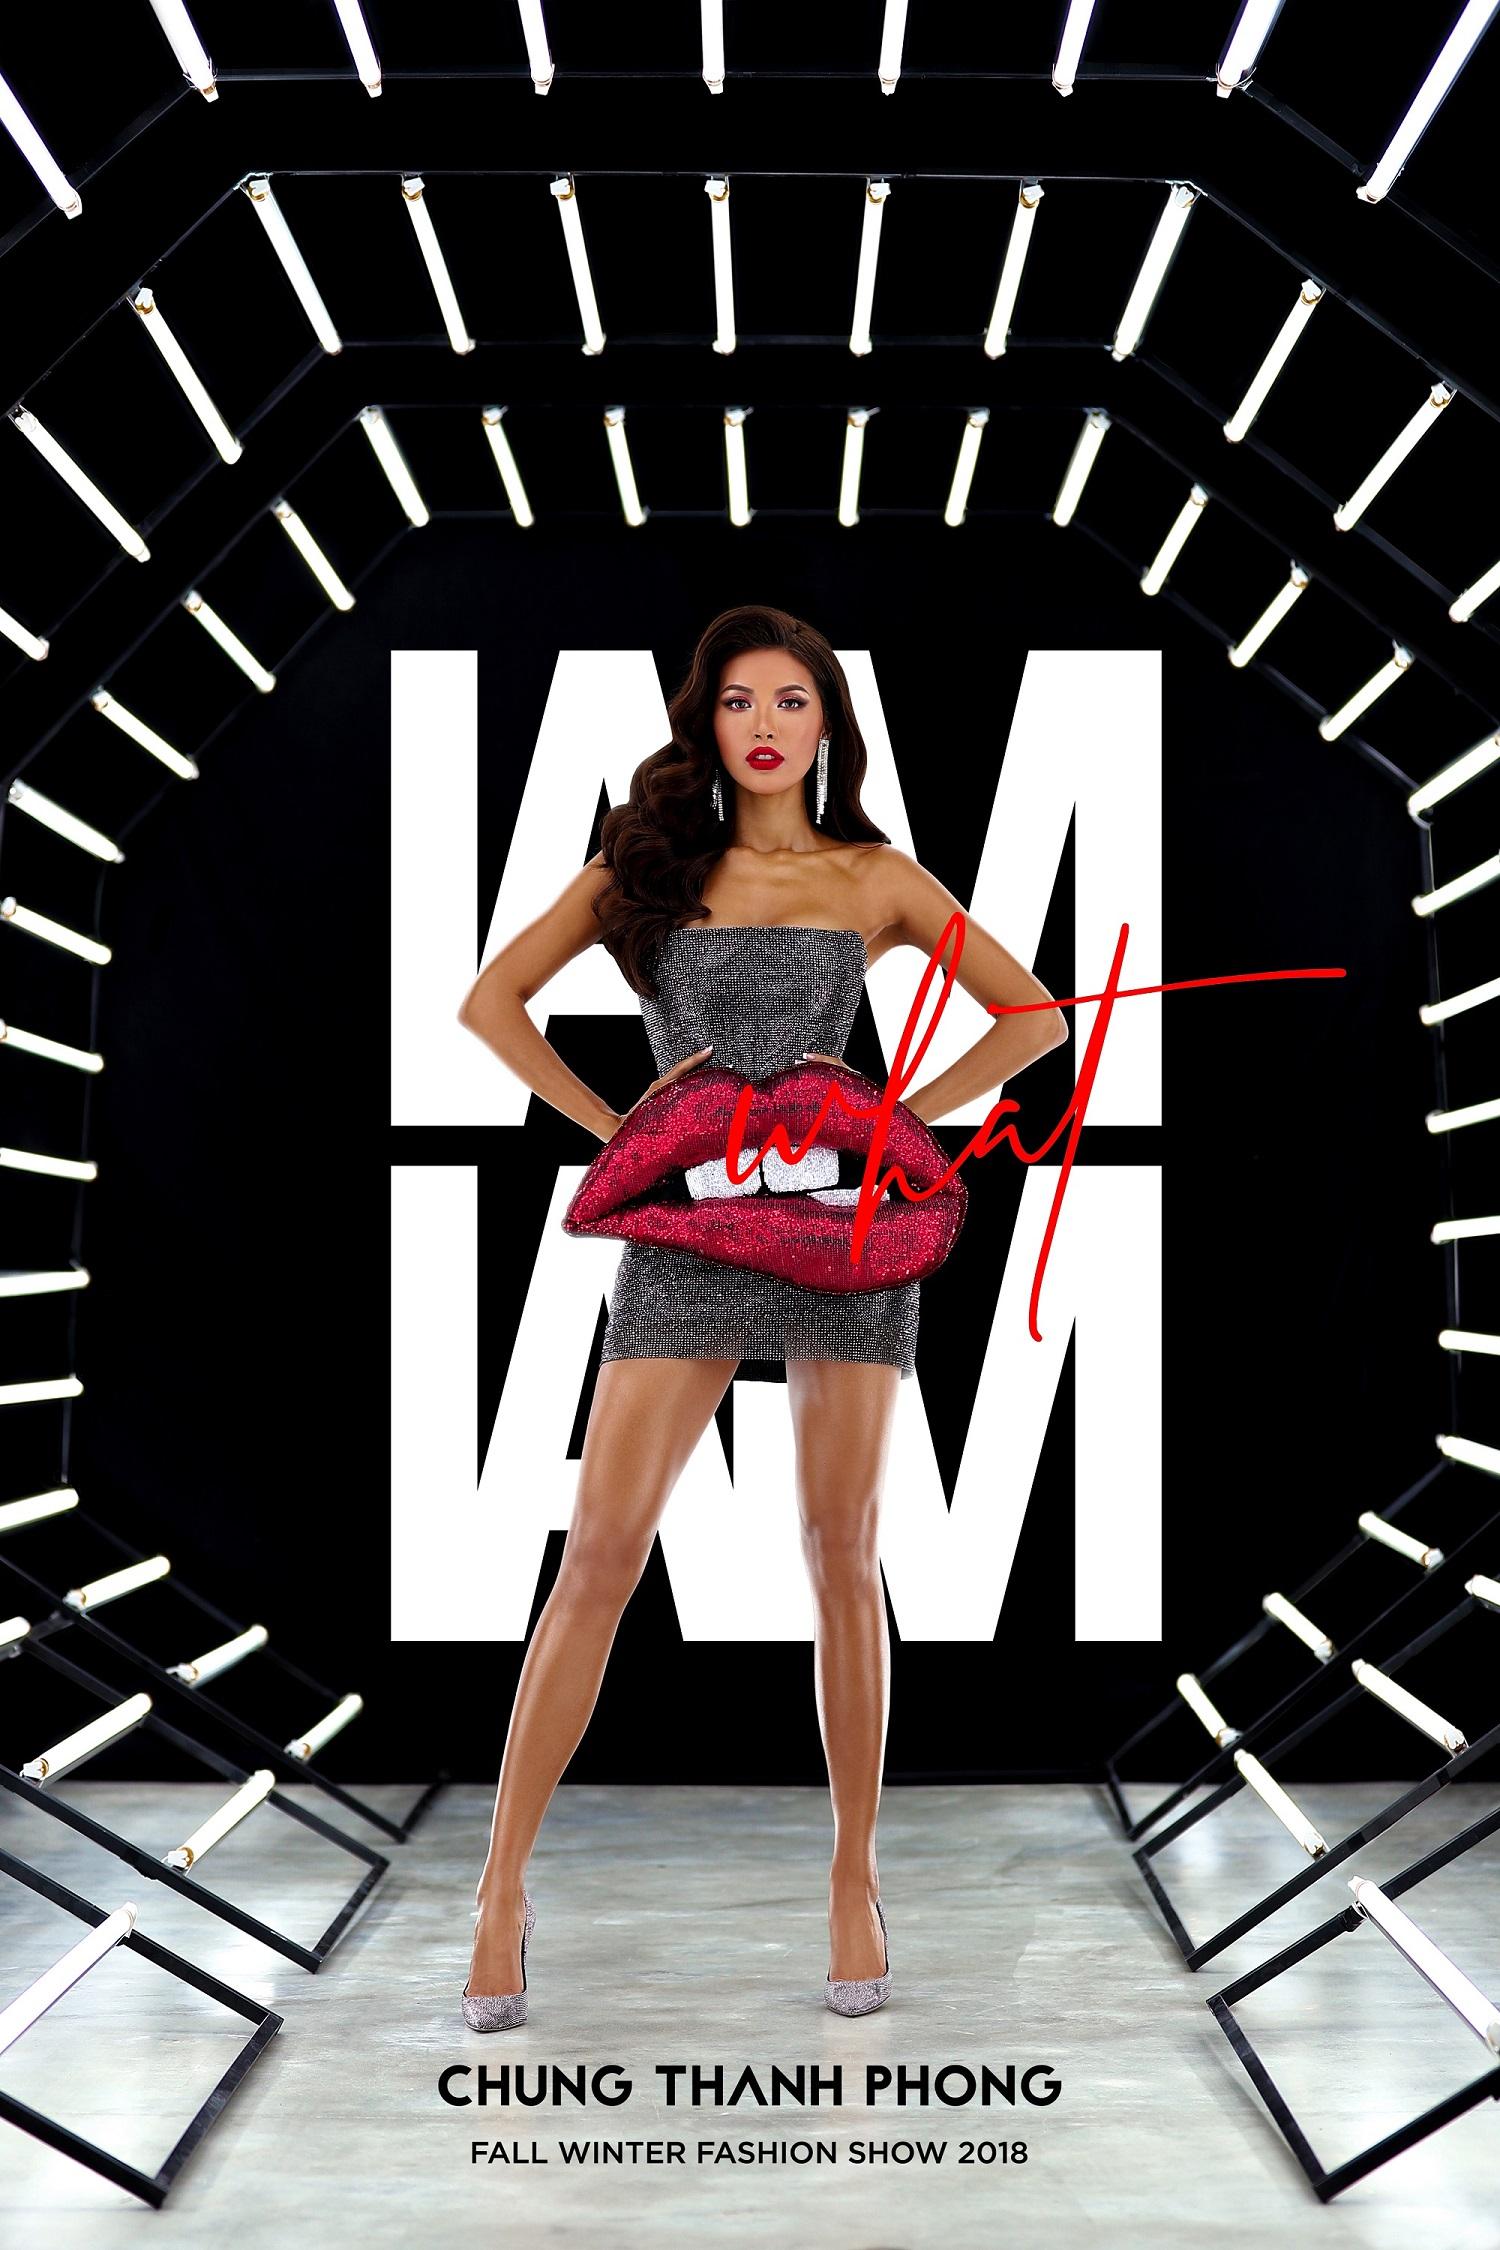 """Siêu mẫu Minh Tú tiếp tục đảm nhiệm vai trò """"nữ chính"""" trên poster quảng bá cho show diễn sắp tới của NTK Chung Thanh Phong."""